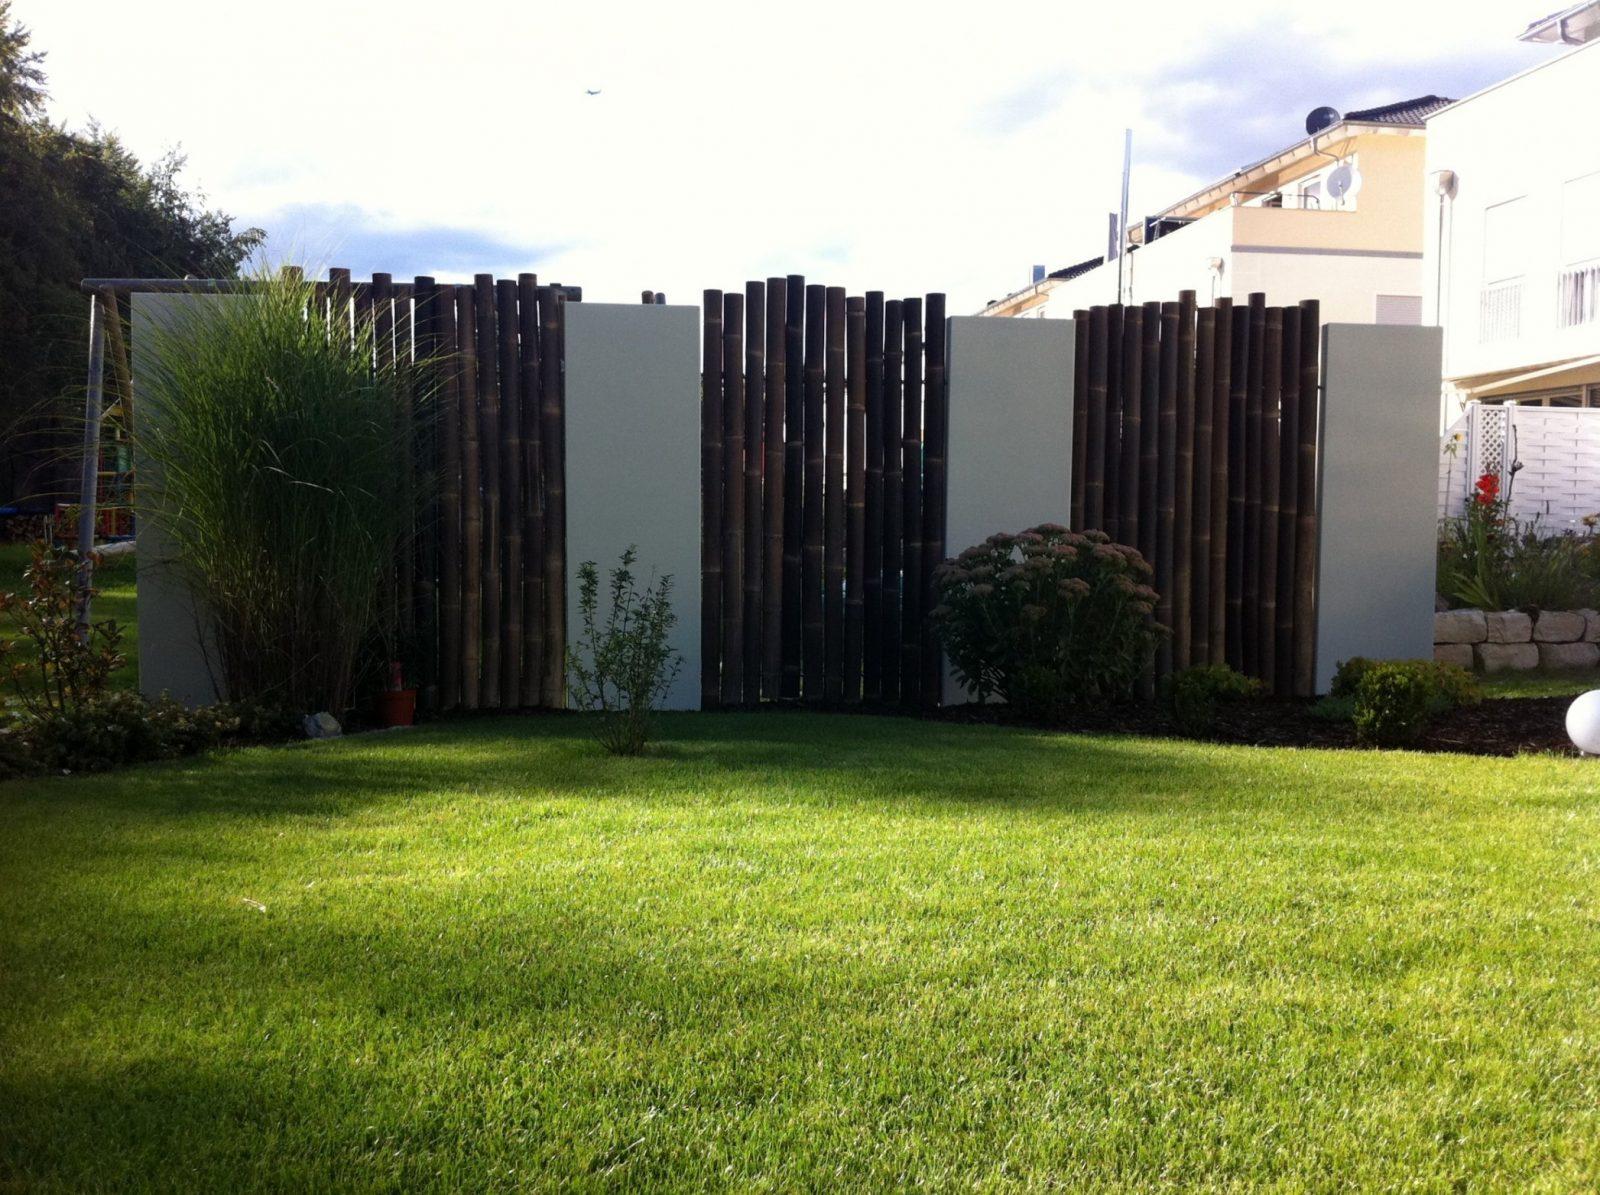 46 Interessant Loungemöbel Garten Für Ihr Garten Decor Ist von Holzwände Für Den Garten Photo